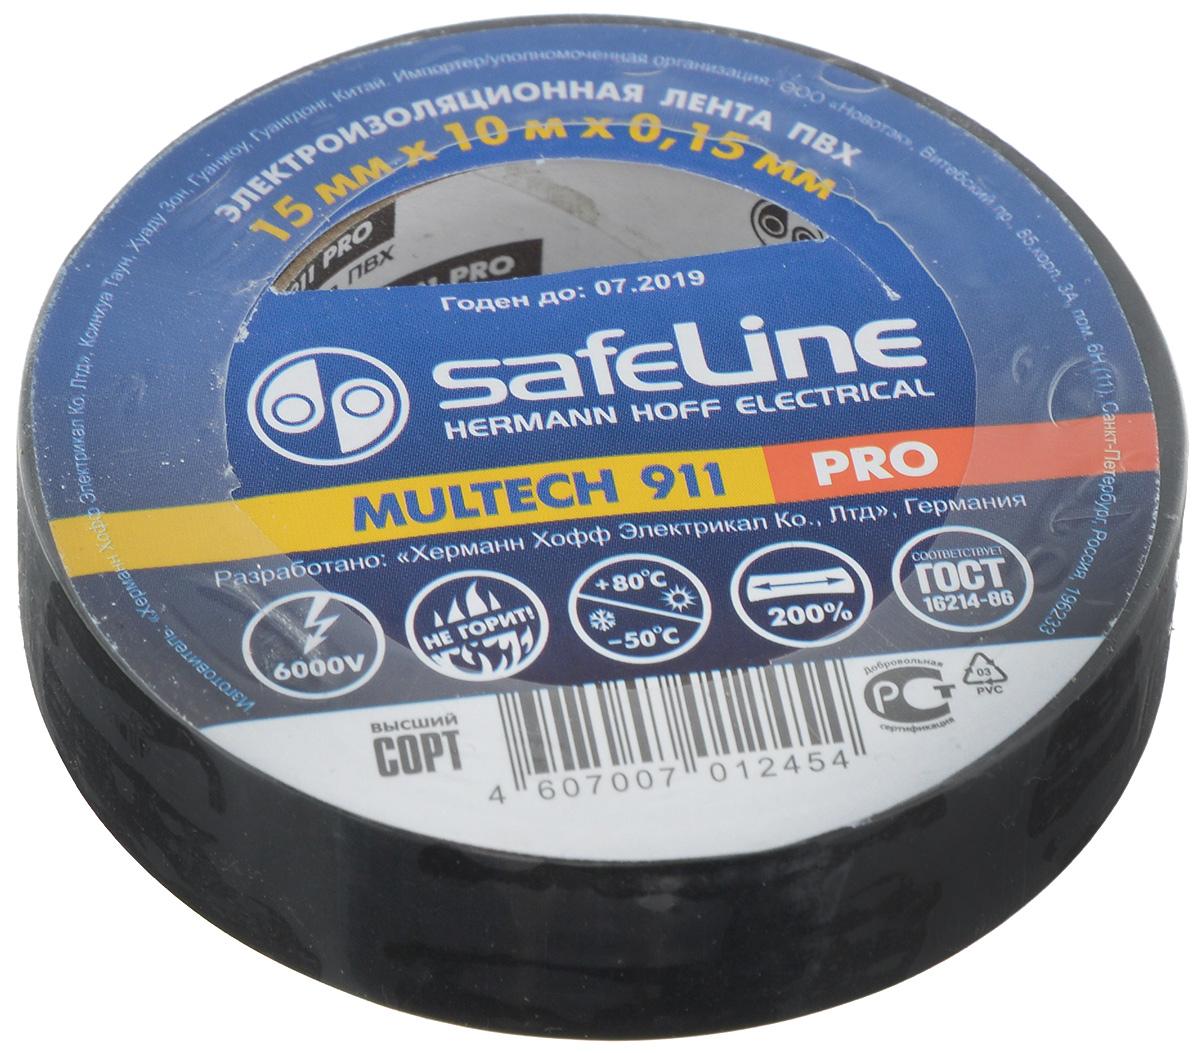 Лента изоляционная Safelin Pro, цвет: черный, ширина 1,5 см, длина 10 м9356Изоляционная лента Safelin Pro сделана из поливинилхлорида - материала, известного своей эластичностью и прочностью. Изолента применяется для изоляции проводов и проведения электромонтажных работ, отлично подходит для маркировки проводов и служит средством для починки бытовых электроприборов.Safelin Pro обладает рядом преимуществ:- напряжение пробоя 6000V,- не горит,- выдерживает температуру от -50°С до +80°С.